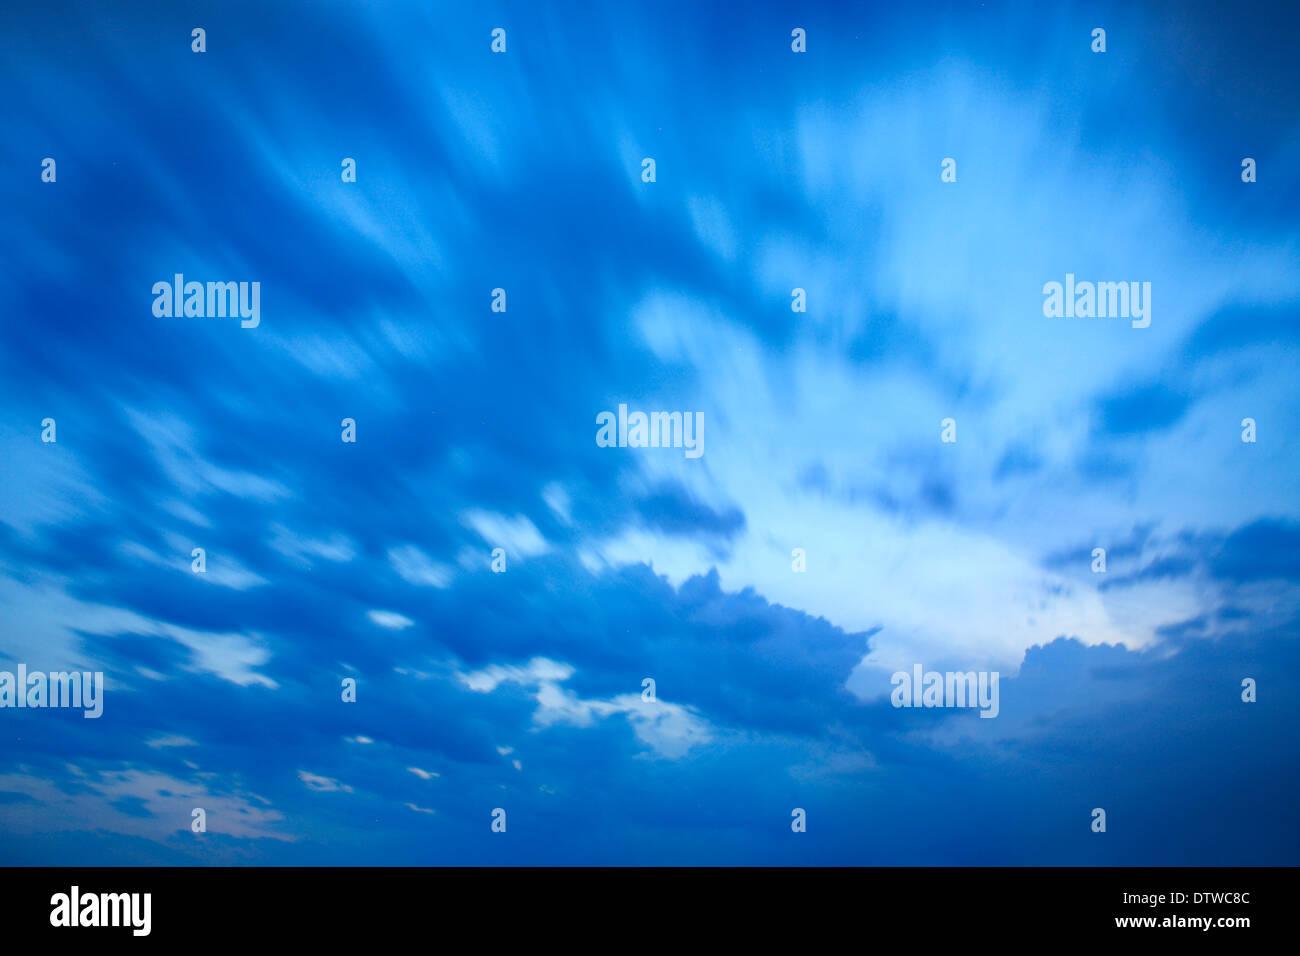 Et Ciel Bleu nuage, une scène agitée et Cloudscape Twilight In Motion Blur Photo Stock